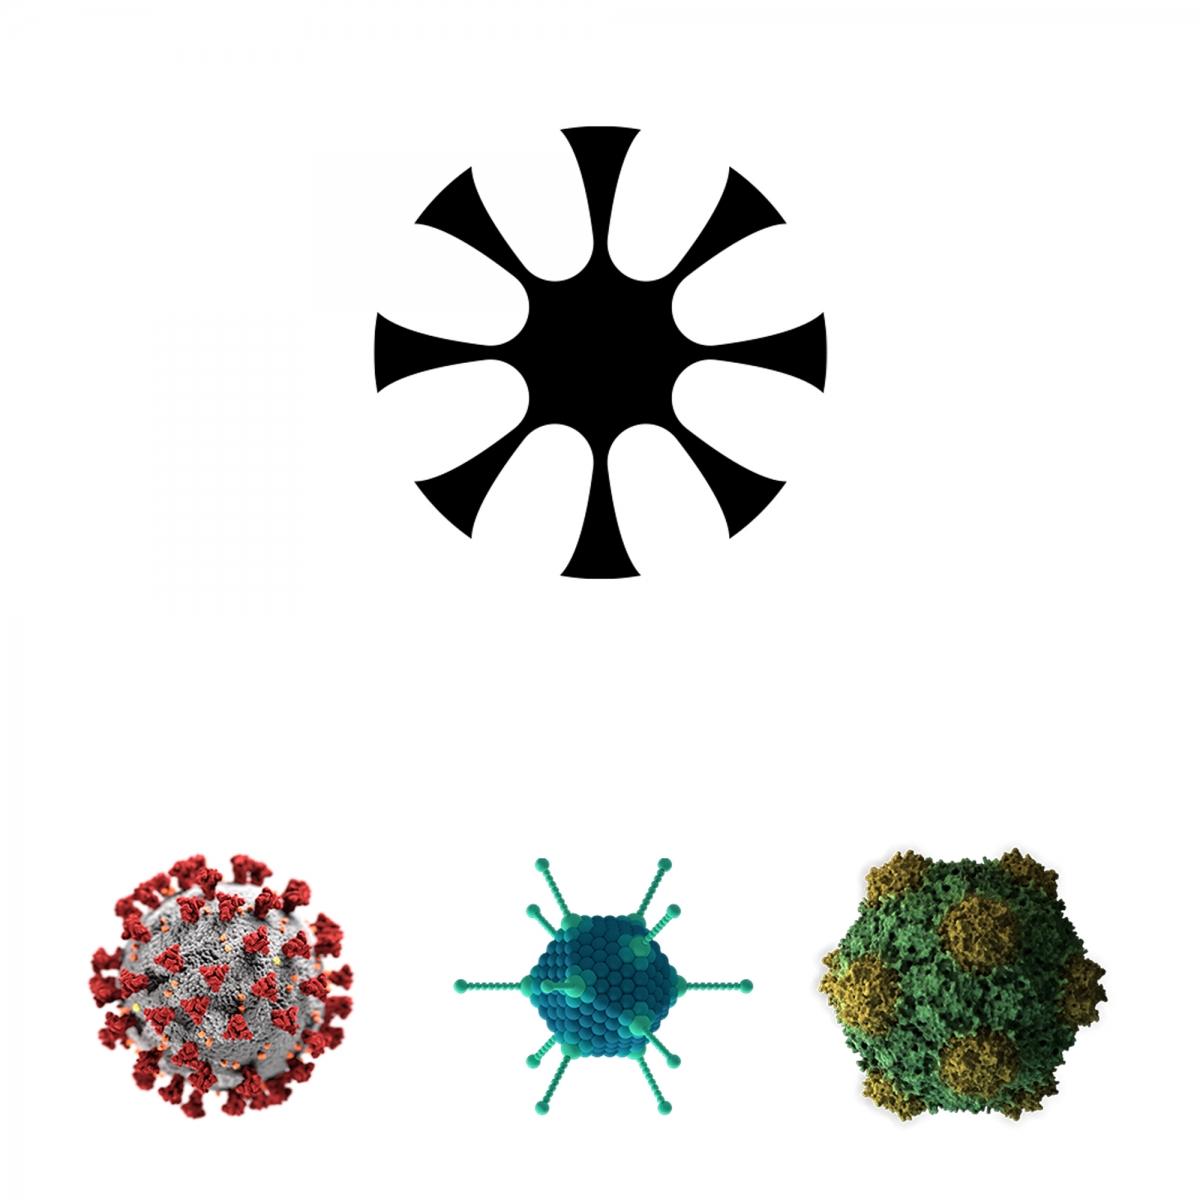 vizuální styl aplikací pro <br>potřeby pandemie Covid-19<br> klauzurní práce | 1.ročník<br> 2019/20 G1A 01